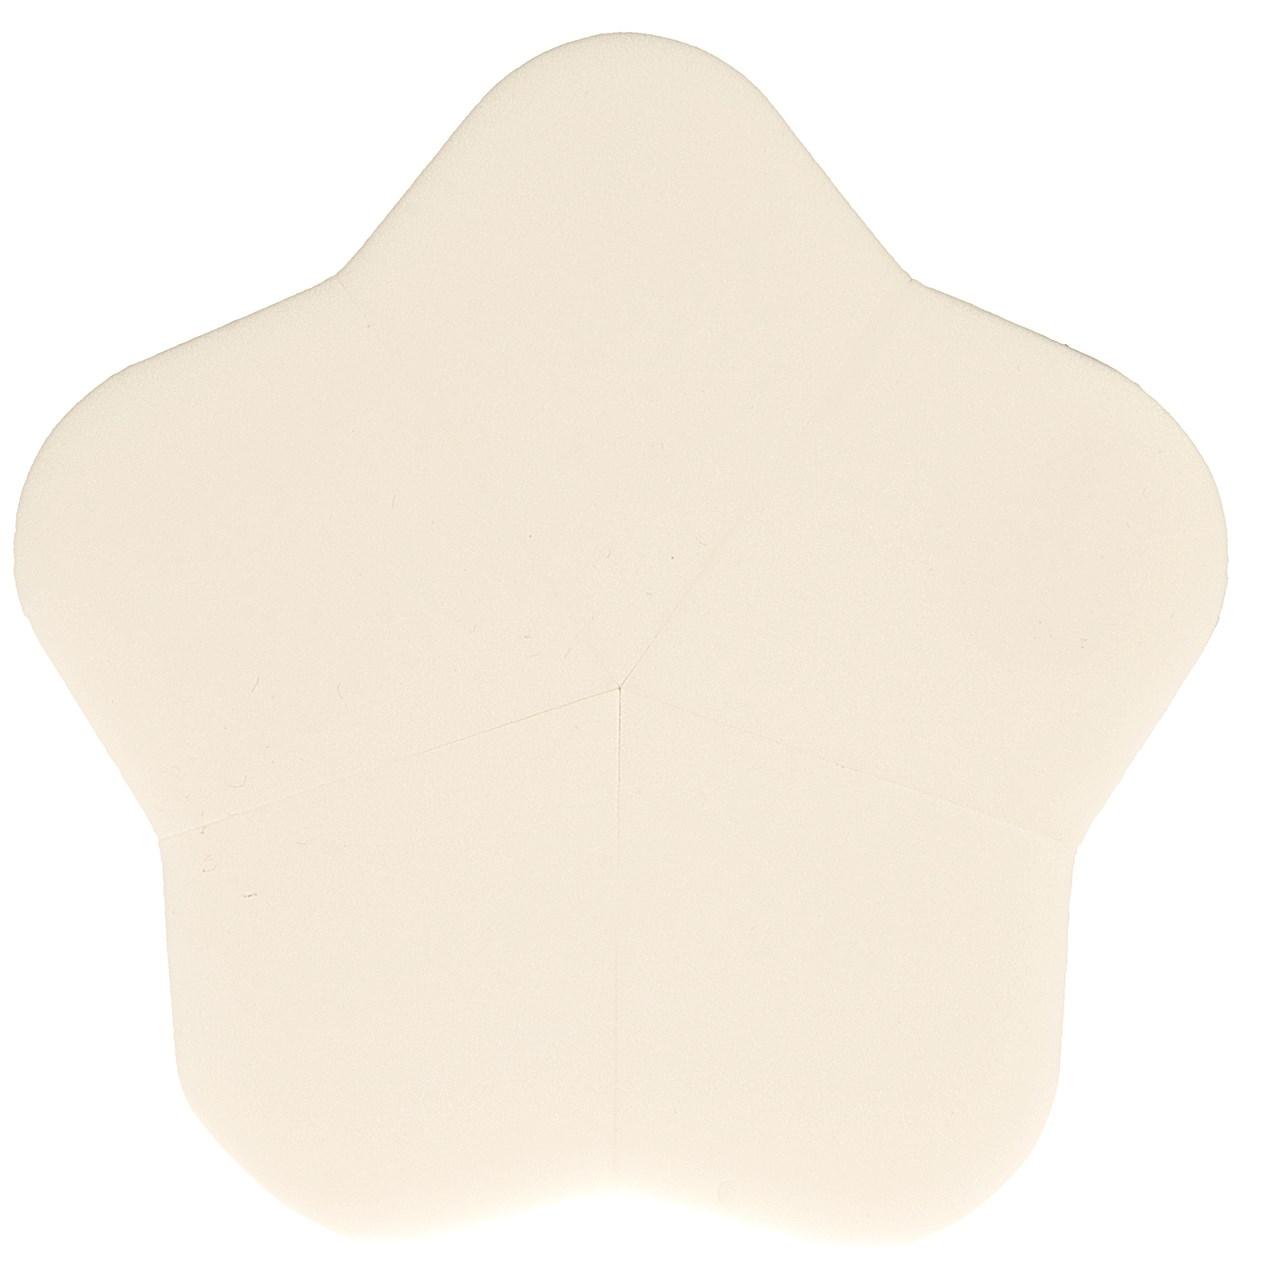 اسفنج آرایشی سوآوی پیل سری Cosmetics مدل Make up